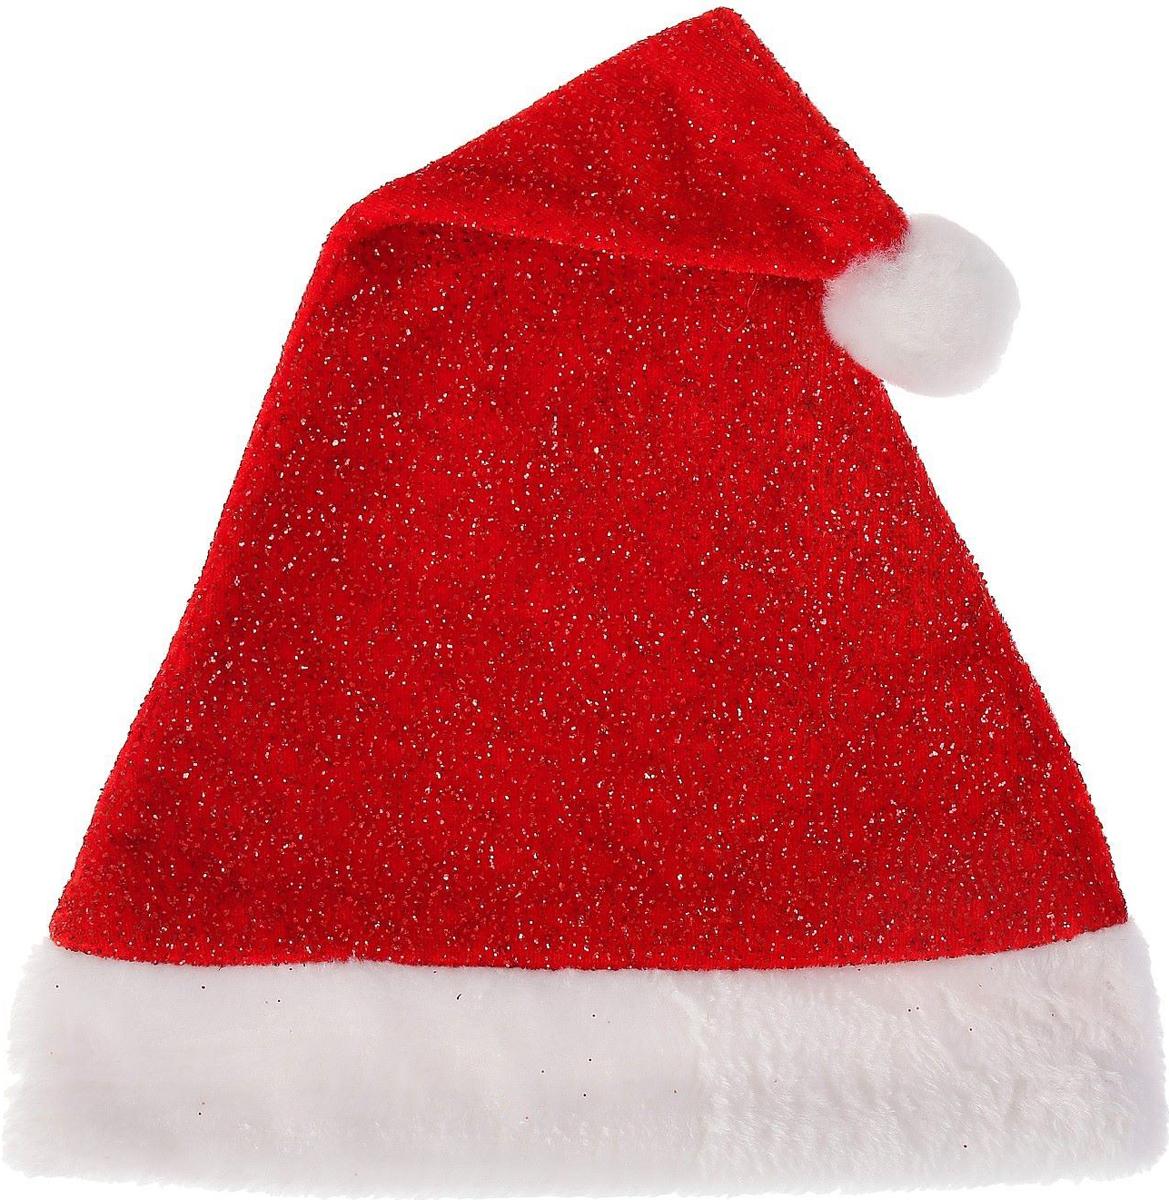 Колпак новогодний Красное мерцание, 28 х 40 см2352003Невозможно представить нашу жизнь без праздников! Мы всегда ждем их и предвкушаем, обдумываем, как проведем памятный день, тщательно выбираем подарки и аксессуары, ведь именно они создают и поддерживают торжественный настрой. Это отличный выбор, который привнесет атмосферу праздника в ваш дом!